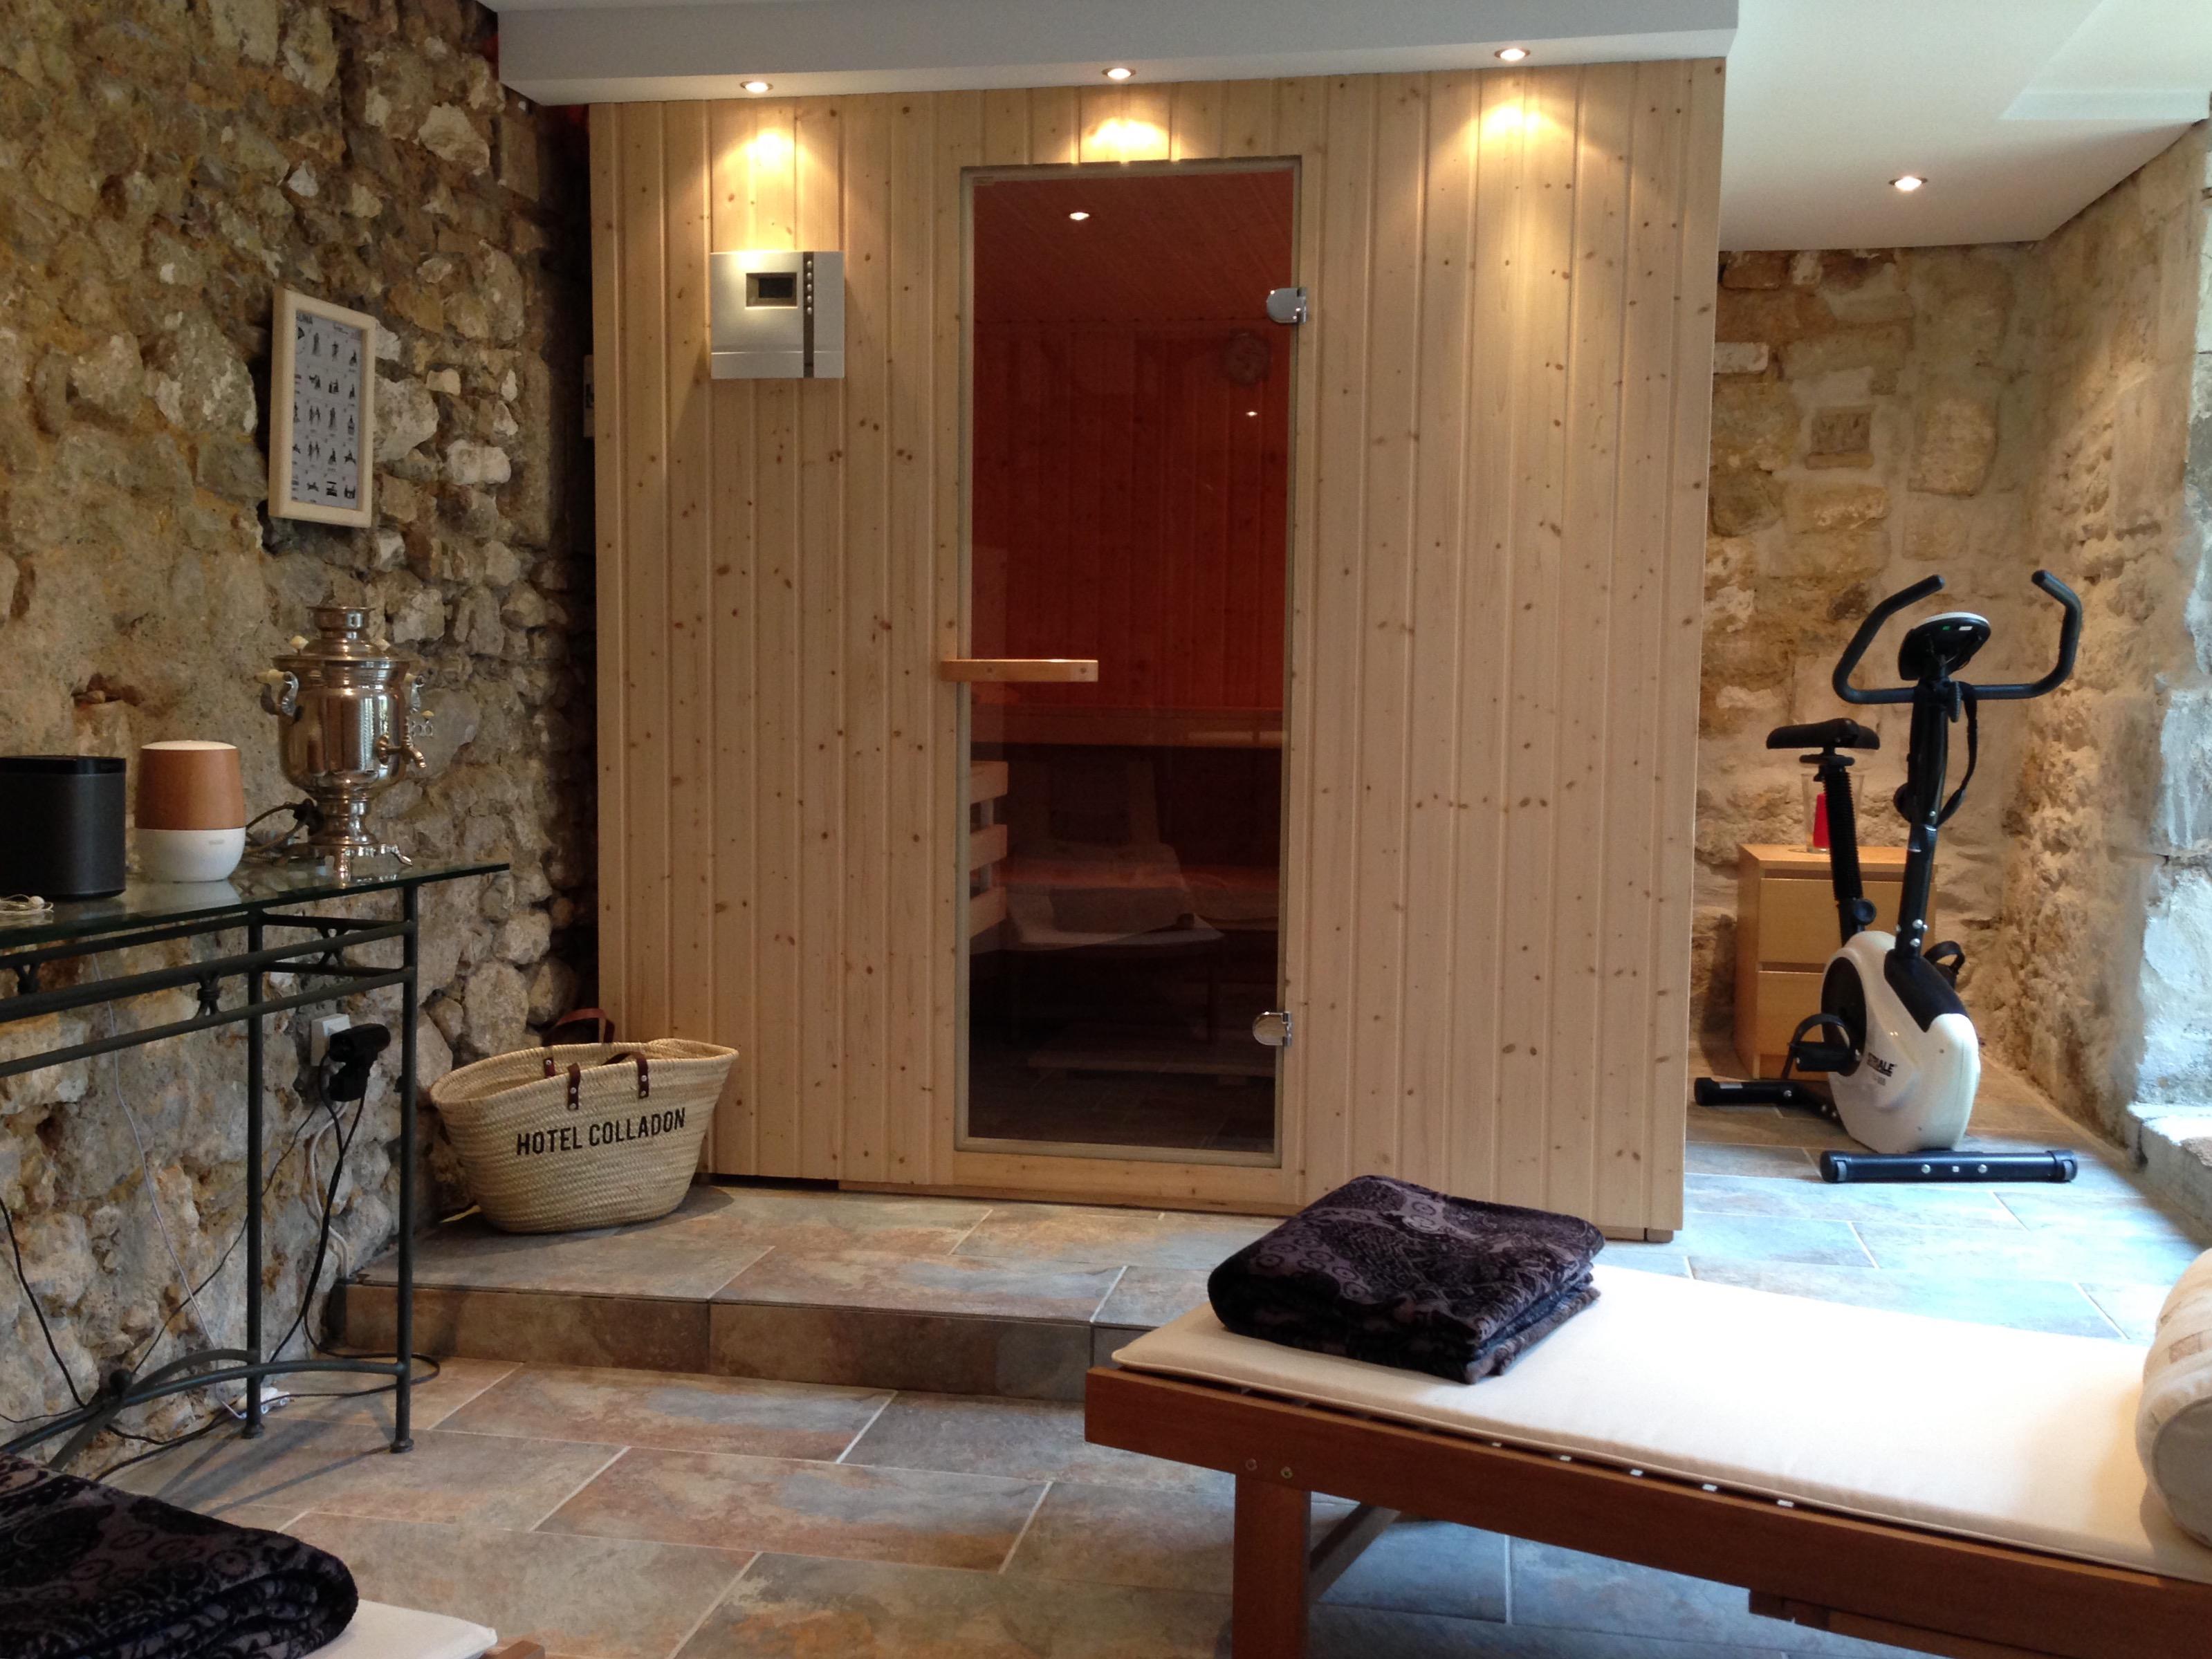 maison colladon bourges chambre d 39 h tes berry province. Black Bedroom Furniture Sets. Home Design Ideas